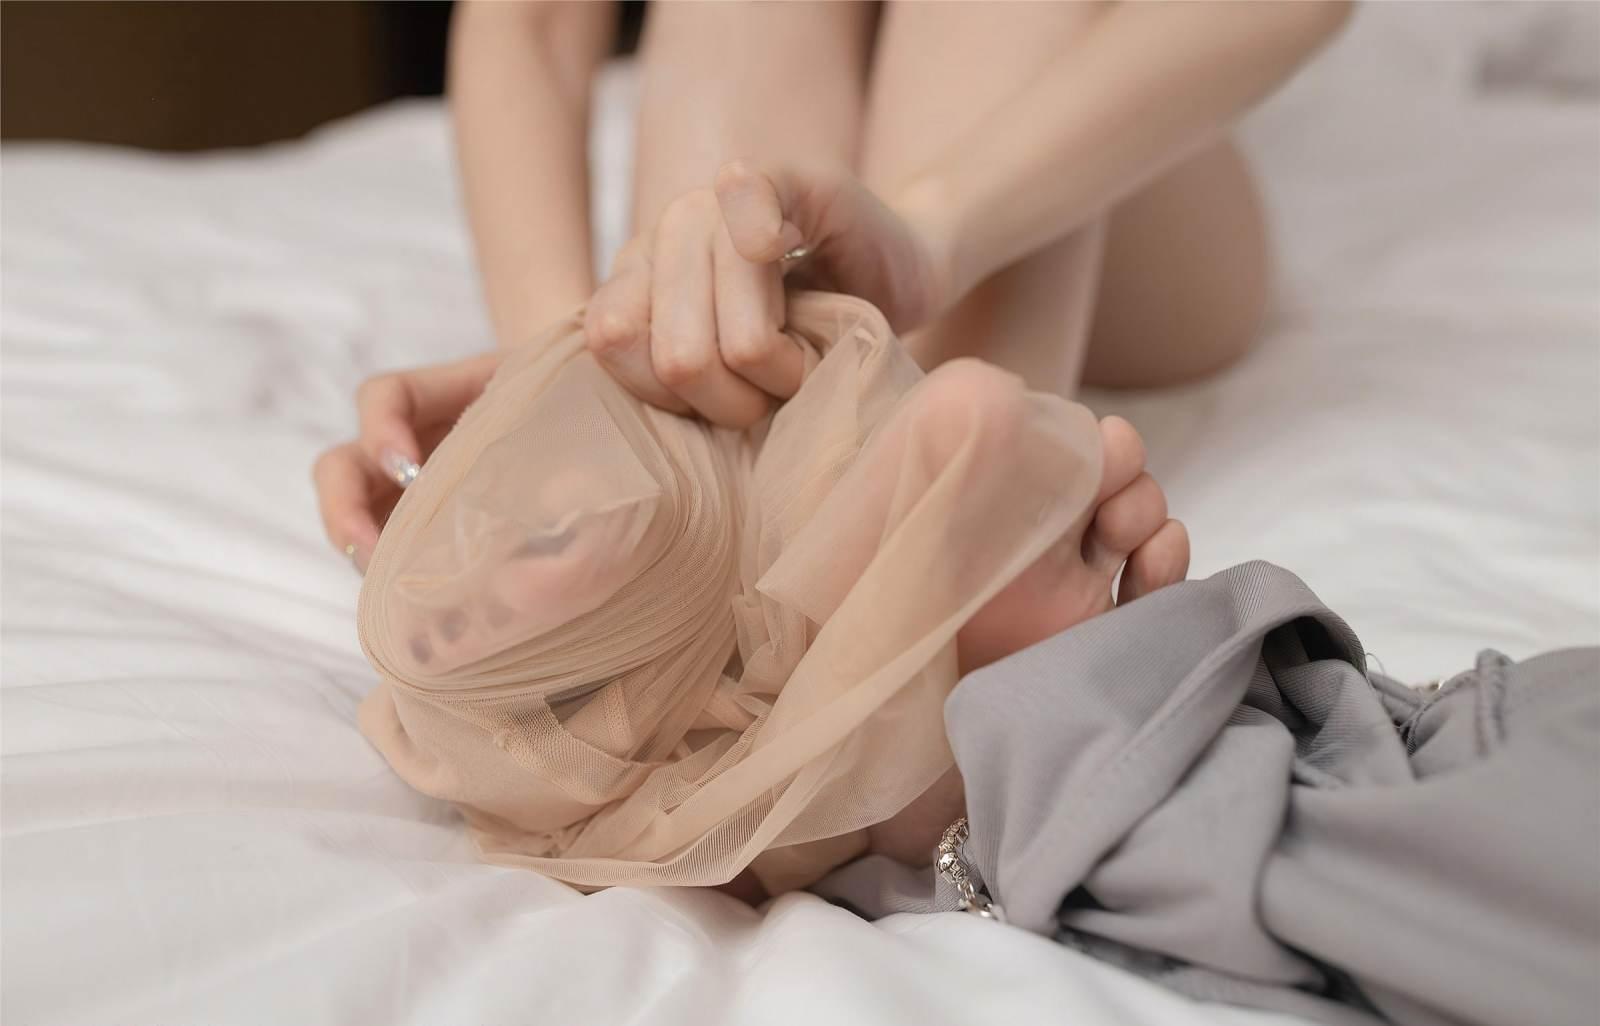 第362期美人卷珠帘,深坐颦蛾眉安然(肉丝,丝足,裸足,大长腿,连身短裙)_图片1